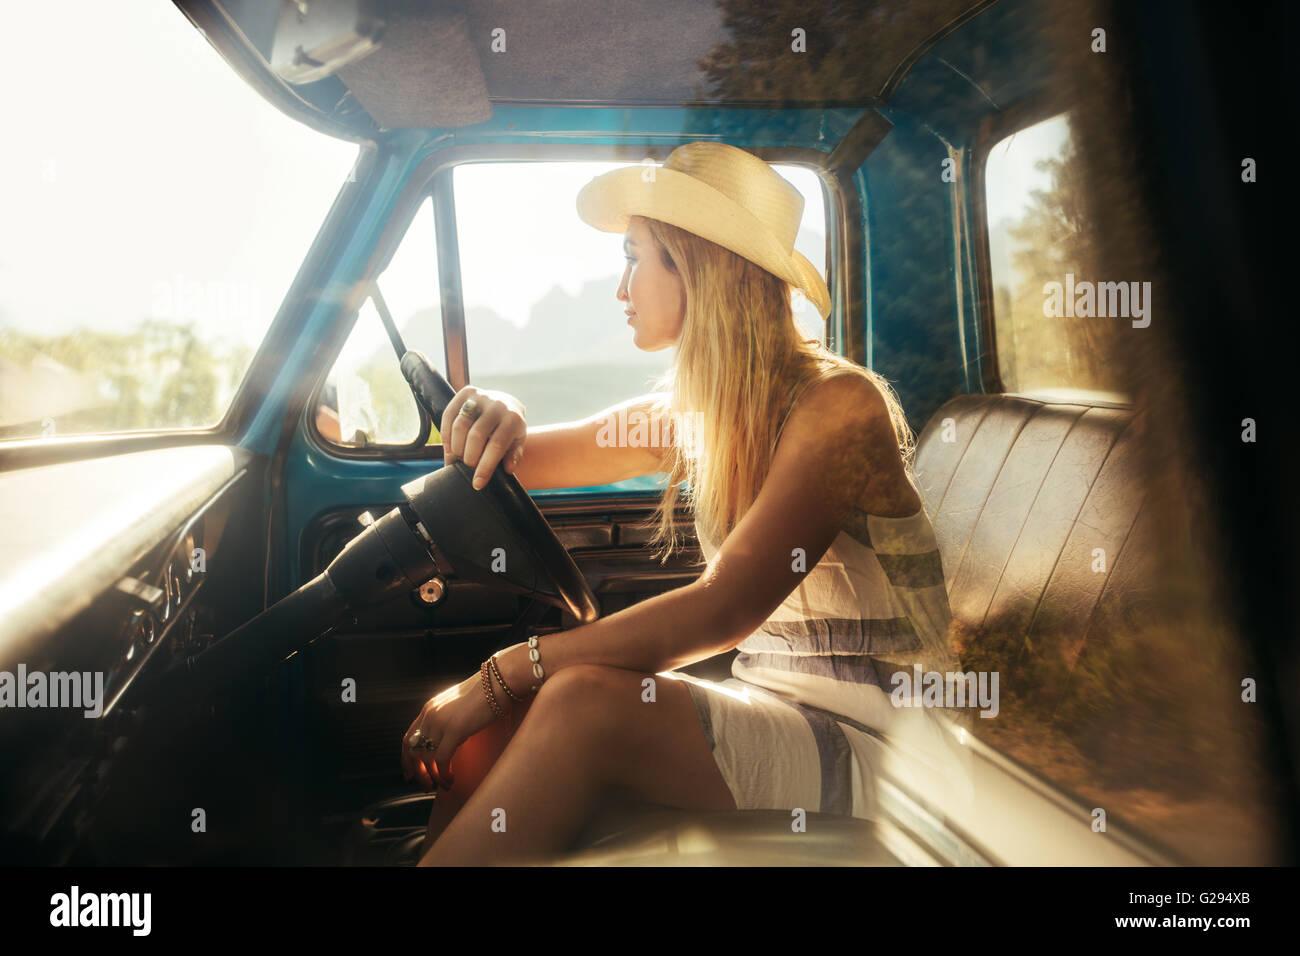 Retrato de mujer joven sentada en el asiento del conductor de un coche y apartar la mirada. Vestida de HAT en un Imagen De Stock